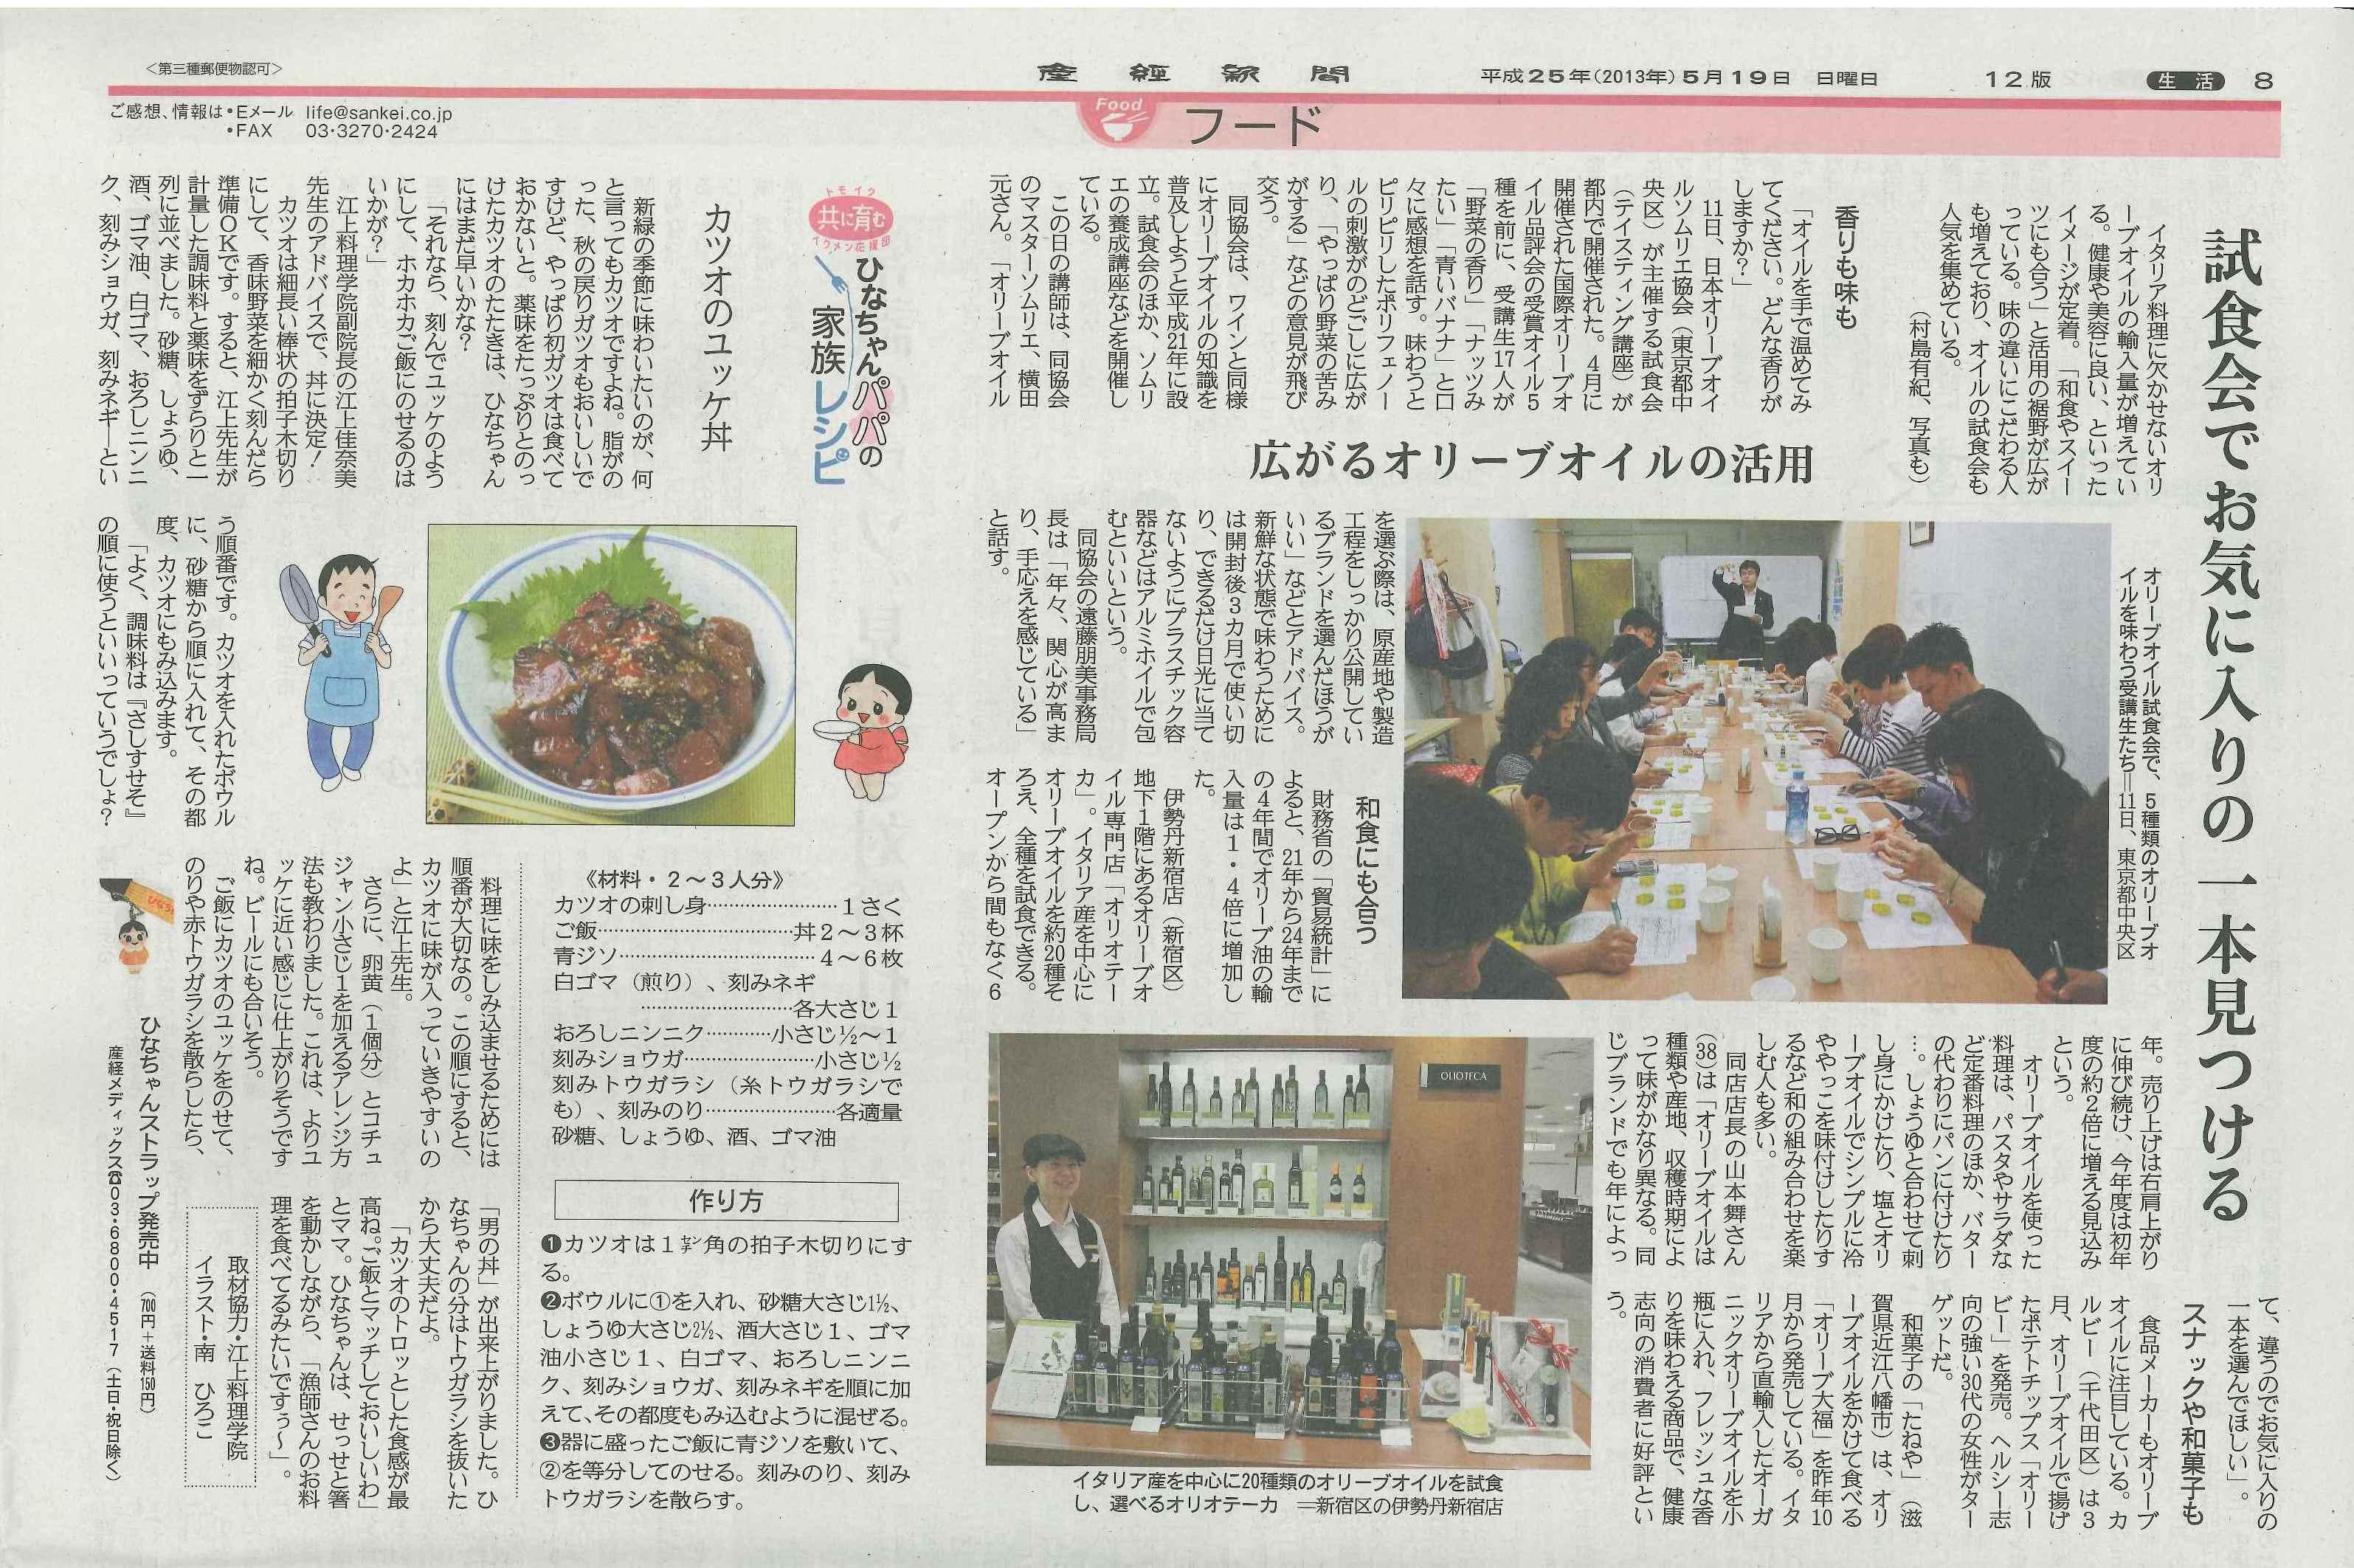 201300519_産経新聞